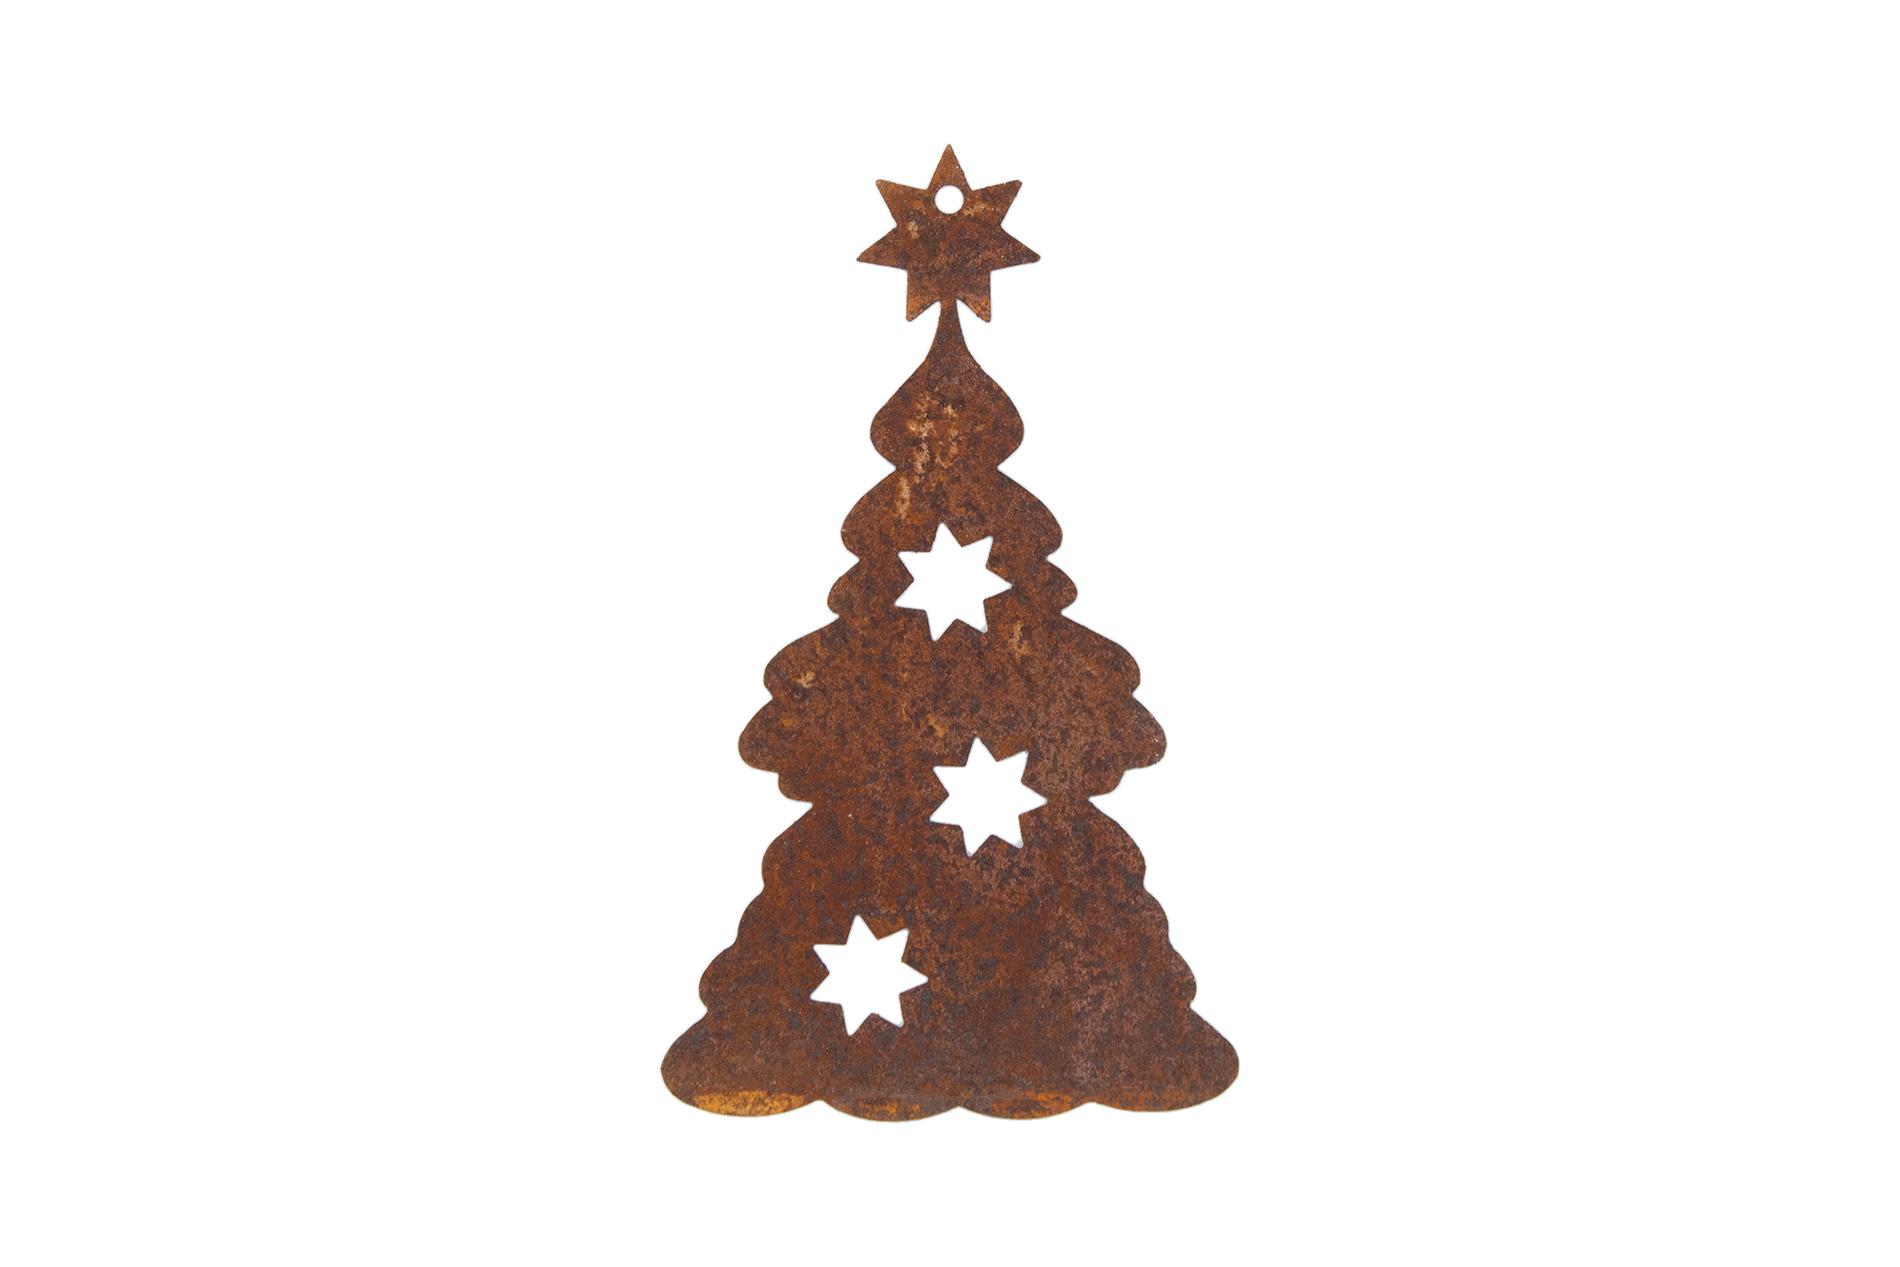 Rost Deko Weihnachten Schön Weihnachtsbaum Tannenbaum Zum Hängen Edelrost Rost Deko 14 Cm